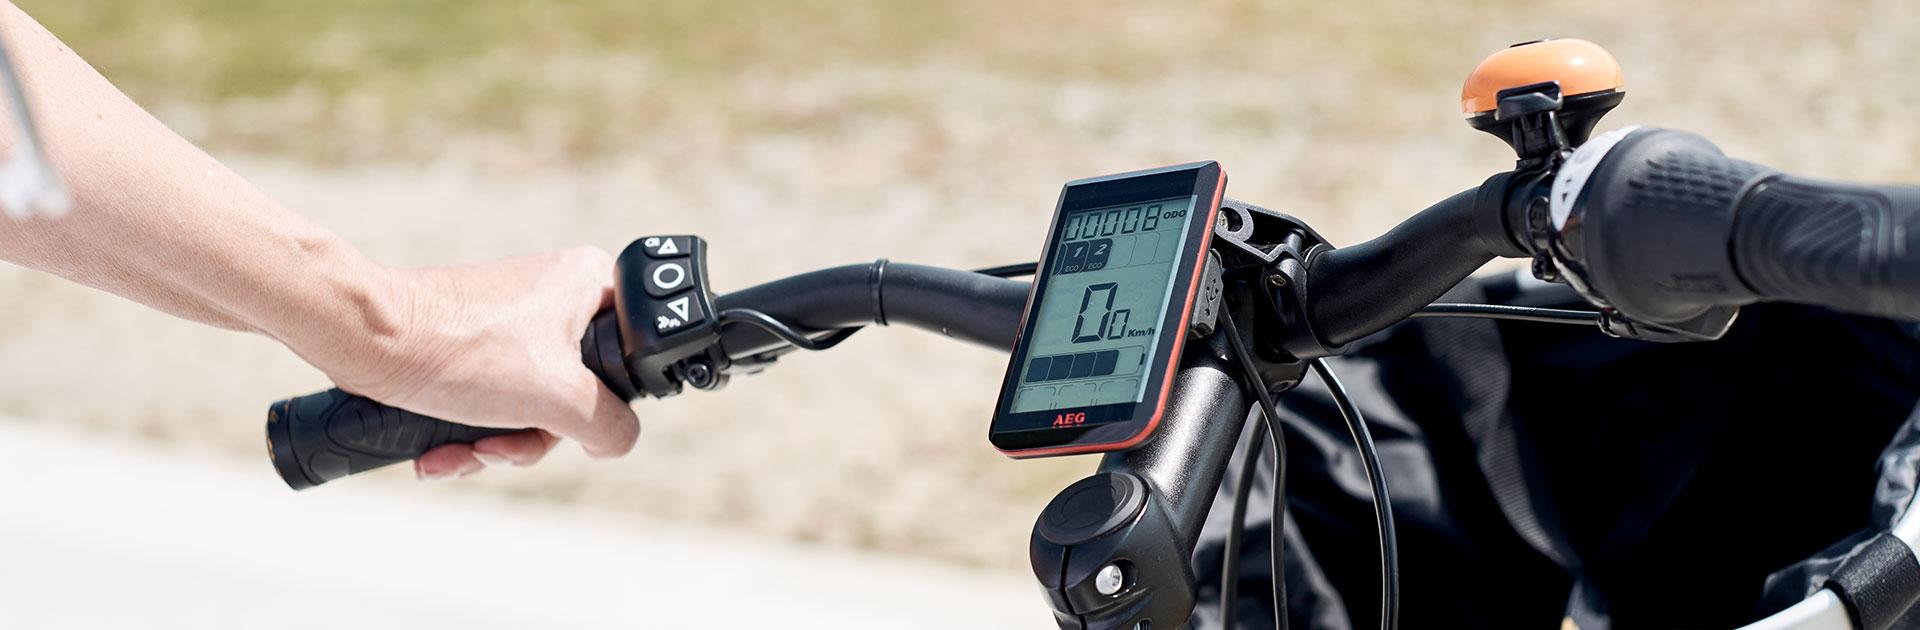 Fragen und Antworten rund um Fahrrad & E-Bike | PROPHETE